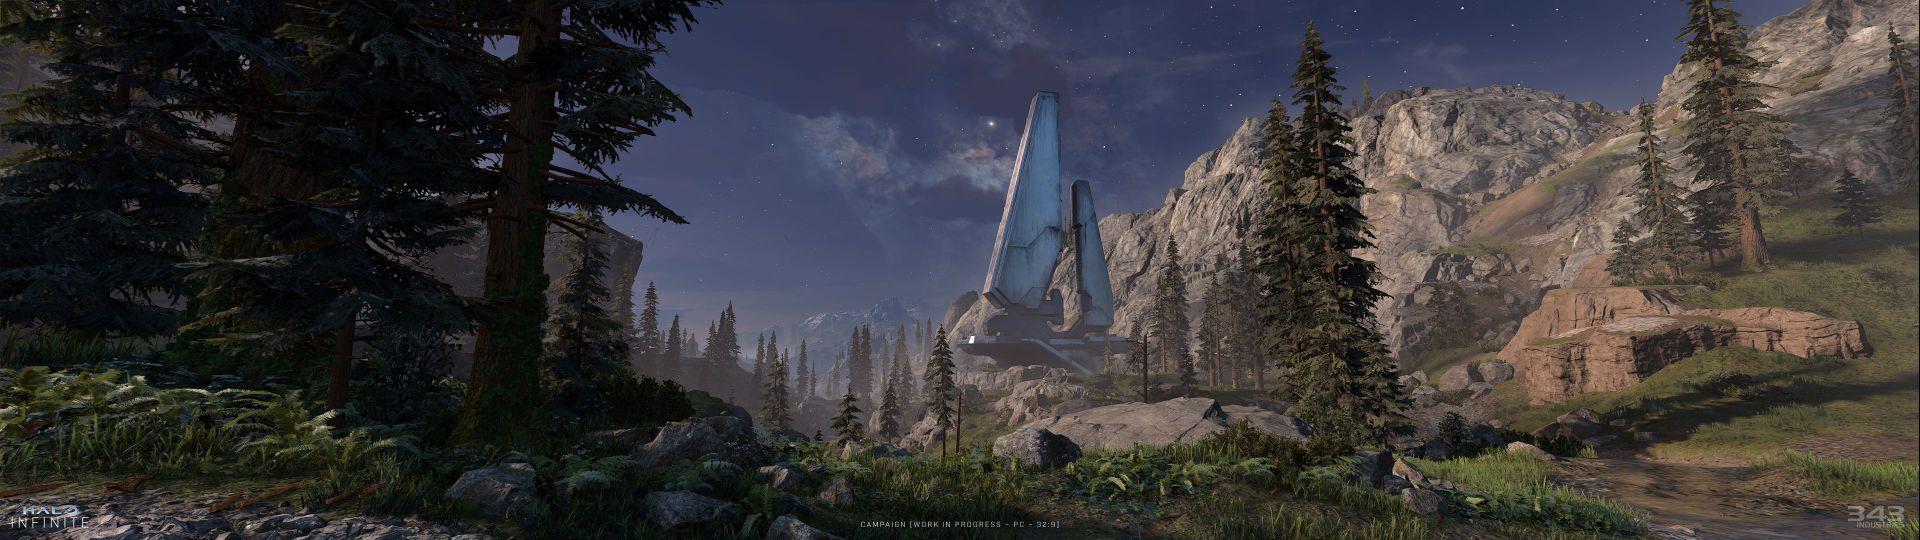 343 Industries muestra nuevas capturas de Halo Infinite en ultra panorámico